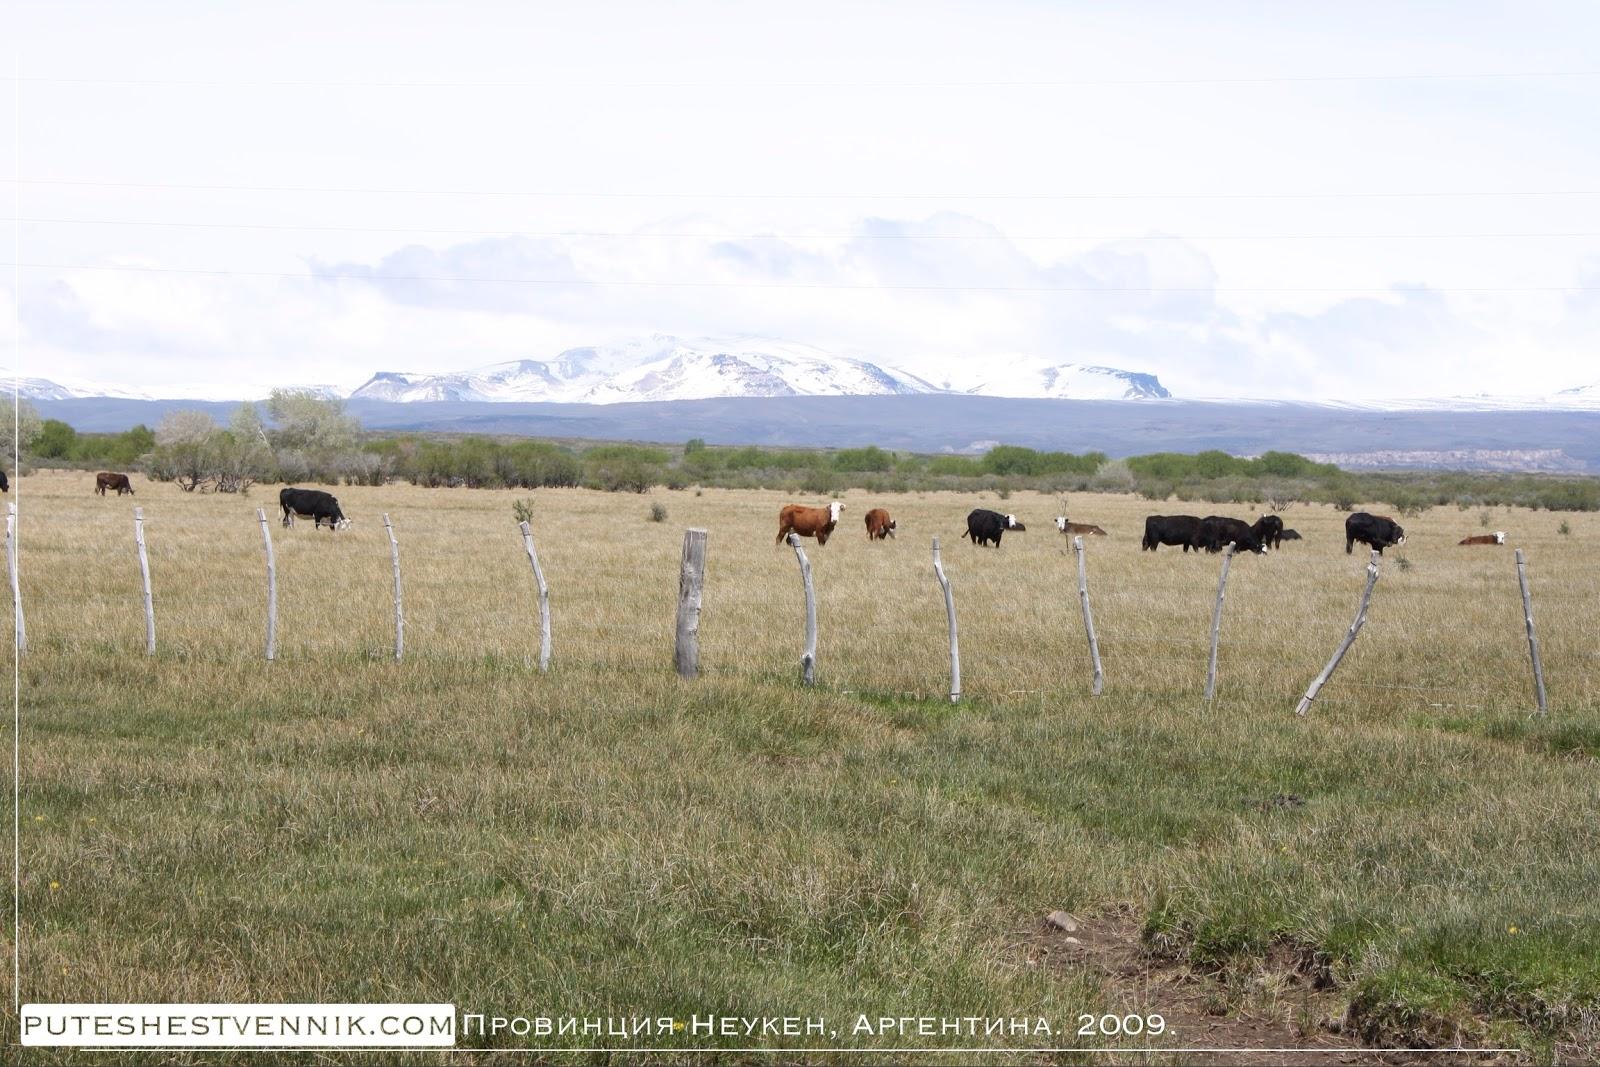 Коровы на пастбище в провинции Неукен